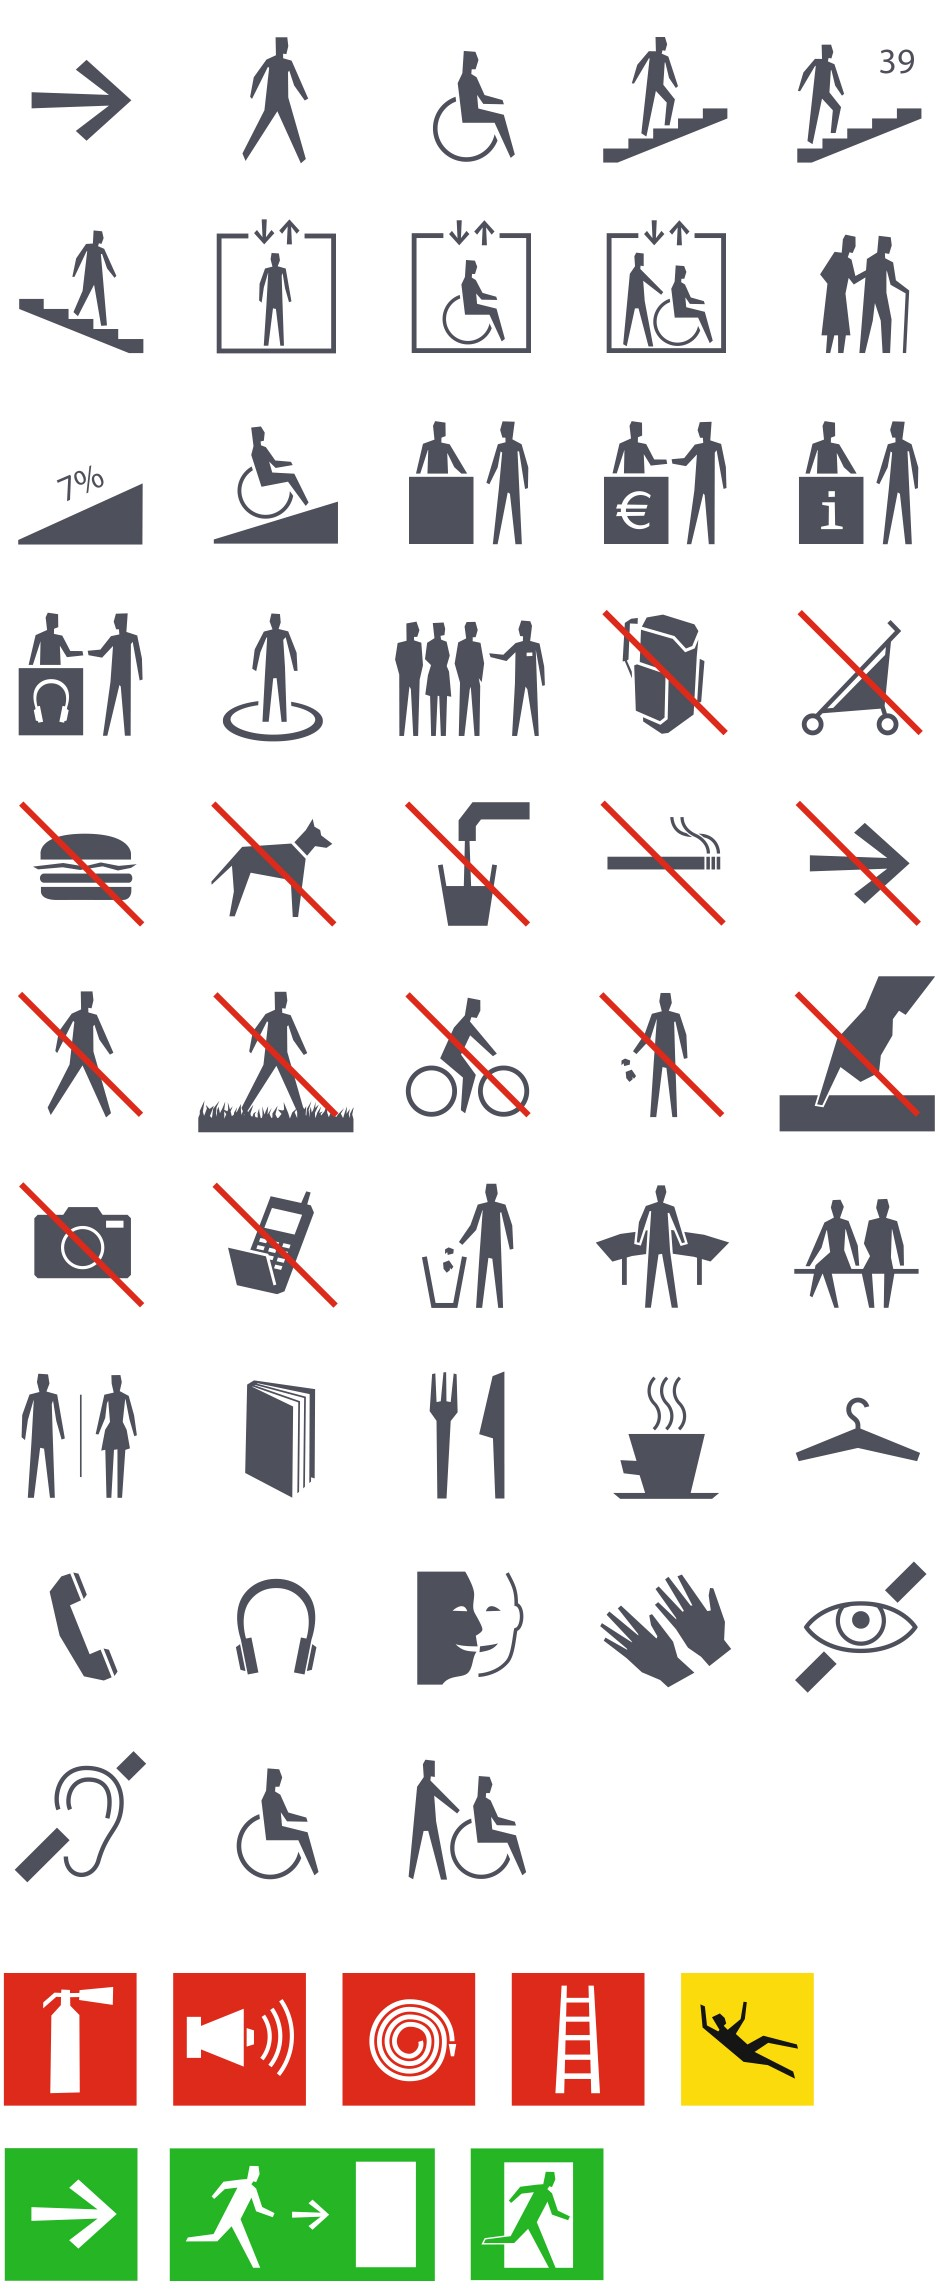 Tout pour plaire - Famille de pictogrammes pour le Centre des monuments nationaux